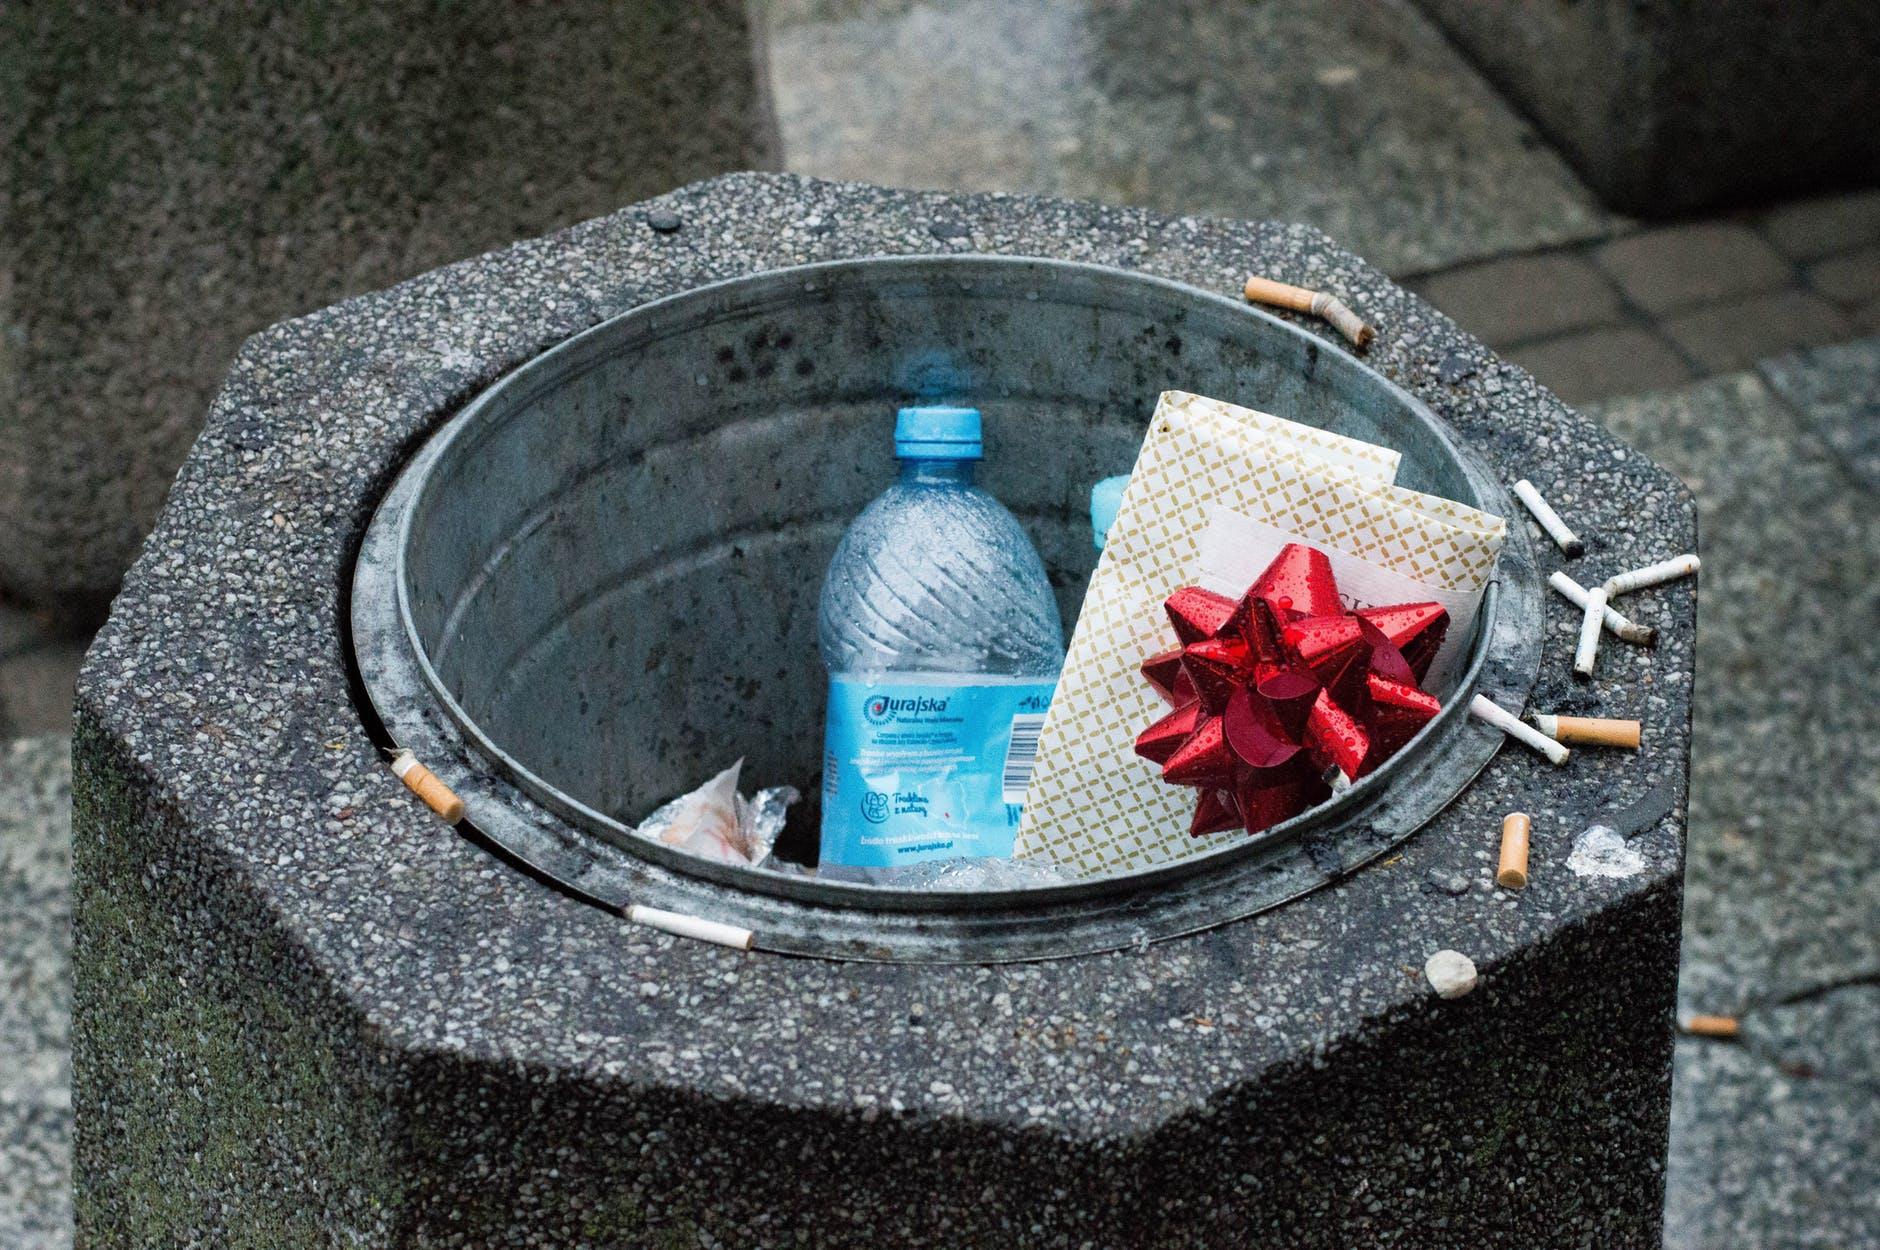 Sampah Puntung Rokok Paling Banyak Ditemukan di Lautan